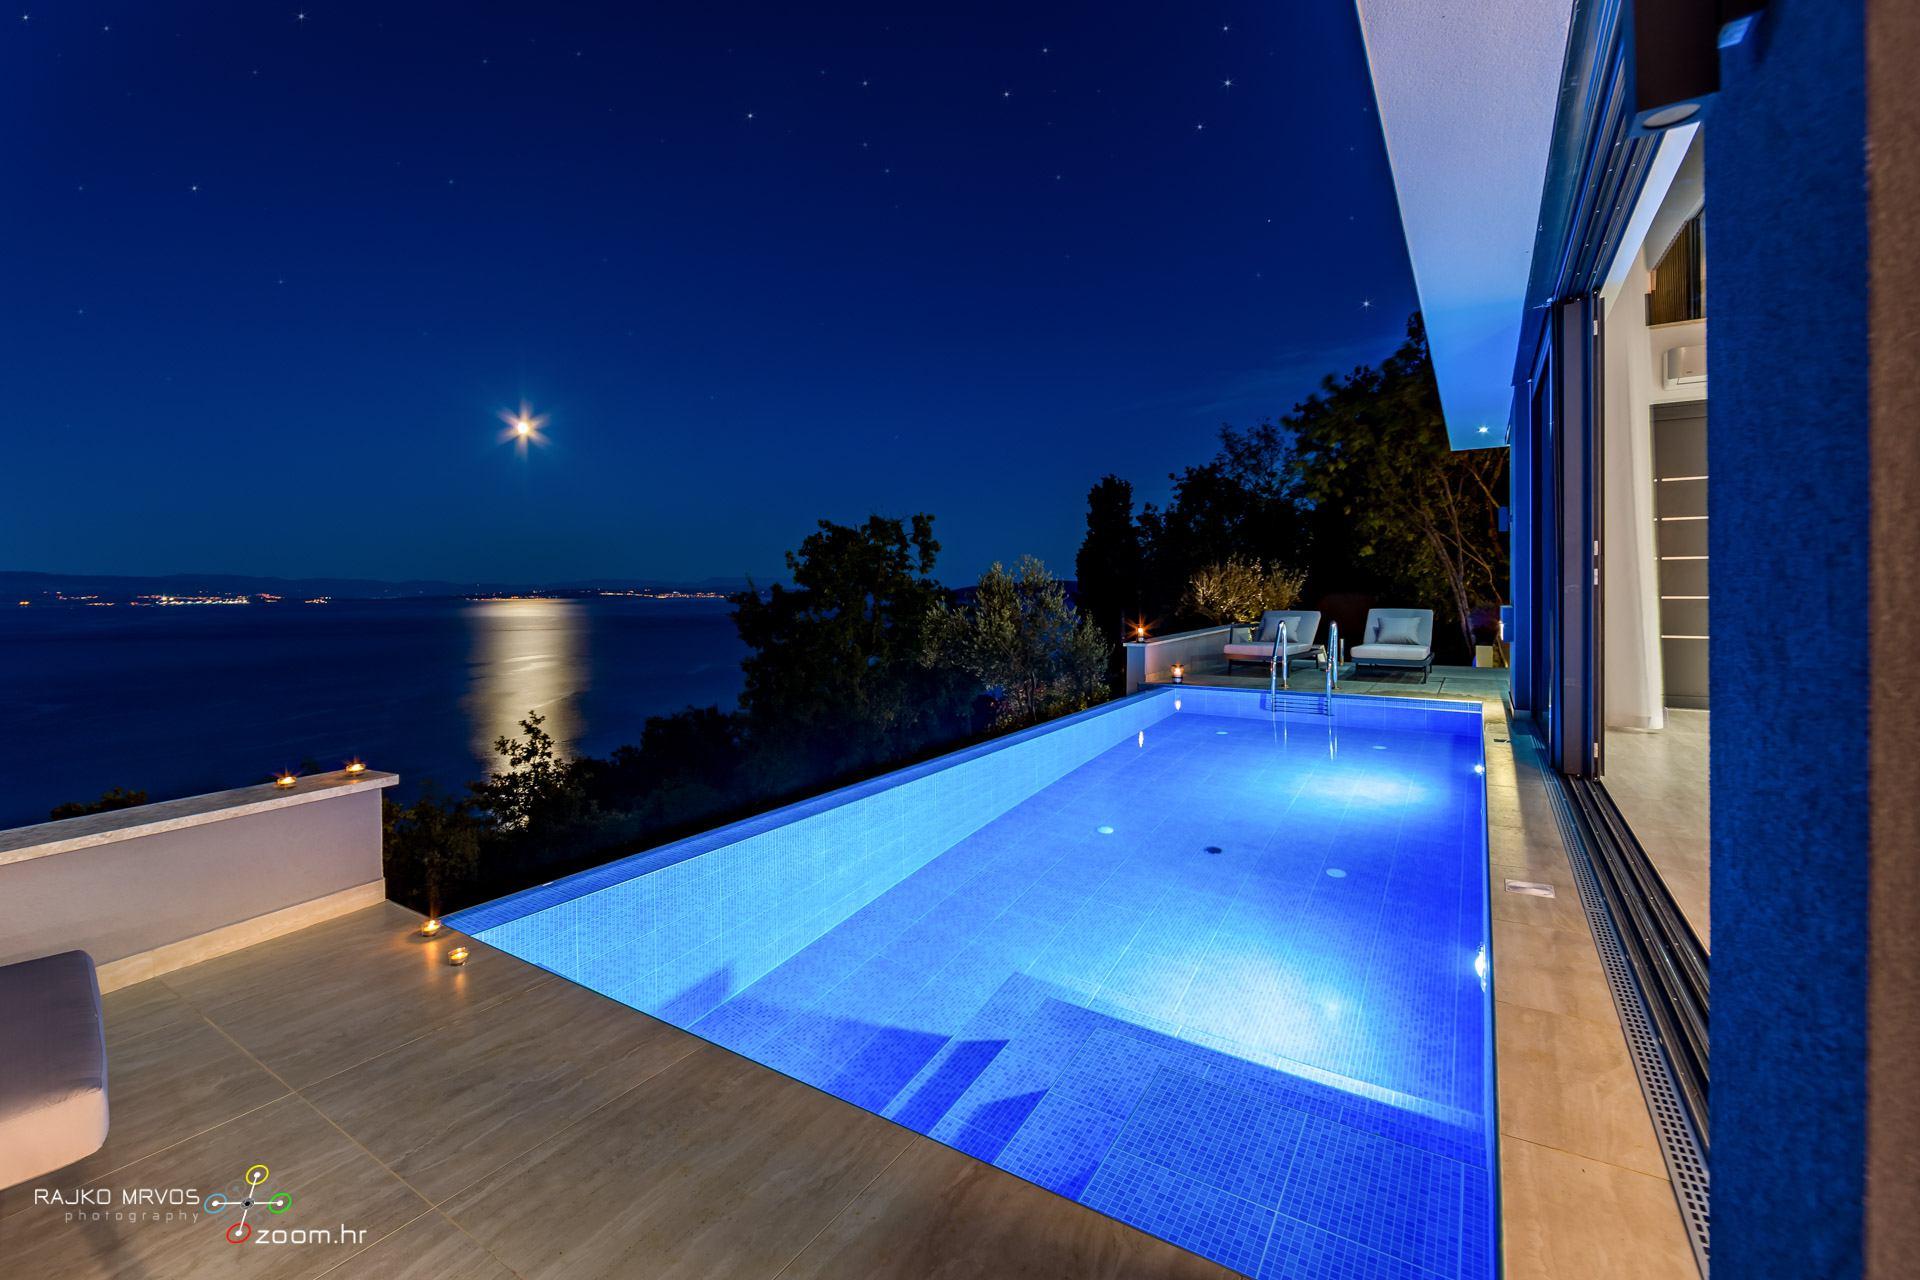 profesionalno-fotografiranje-vila-kuca-fotograf-villa-Sky-Pool-Villa-Medveja-16